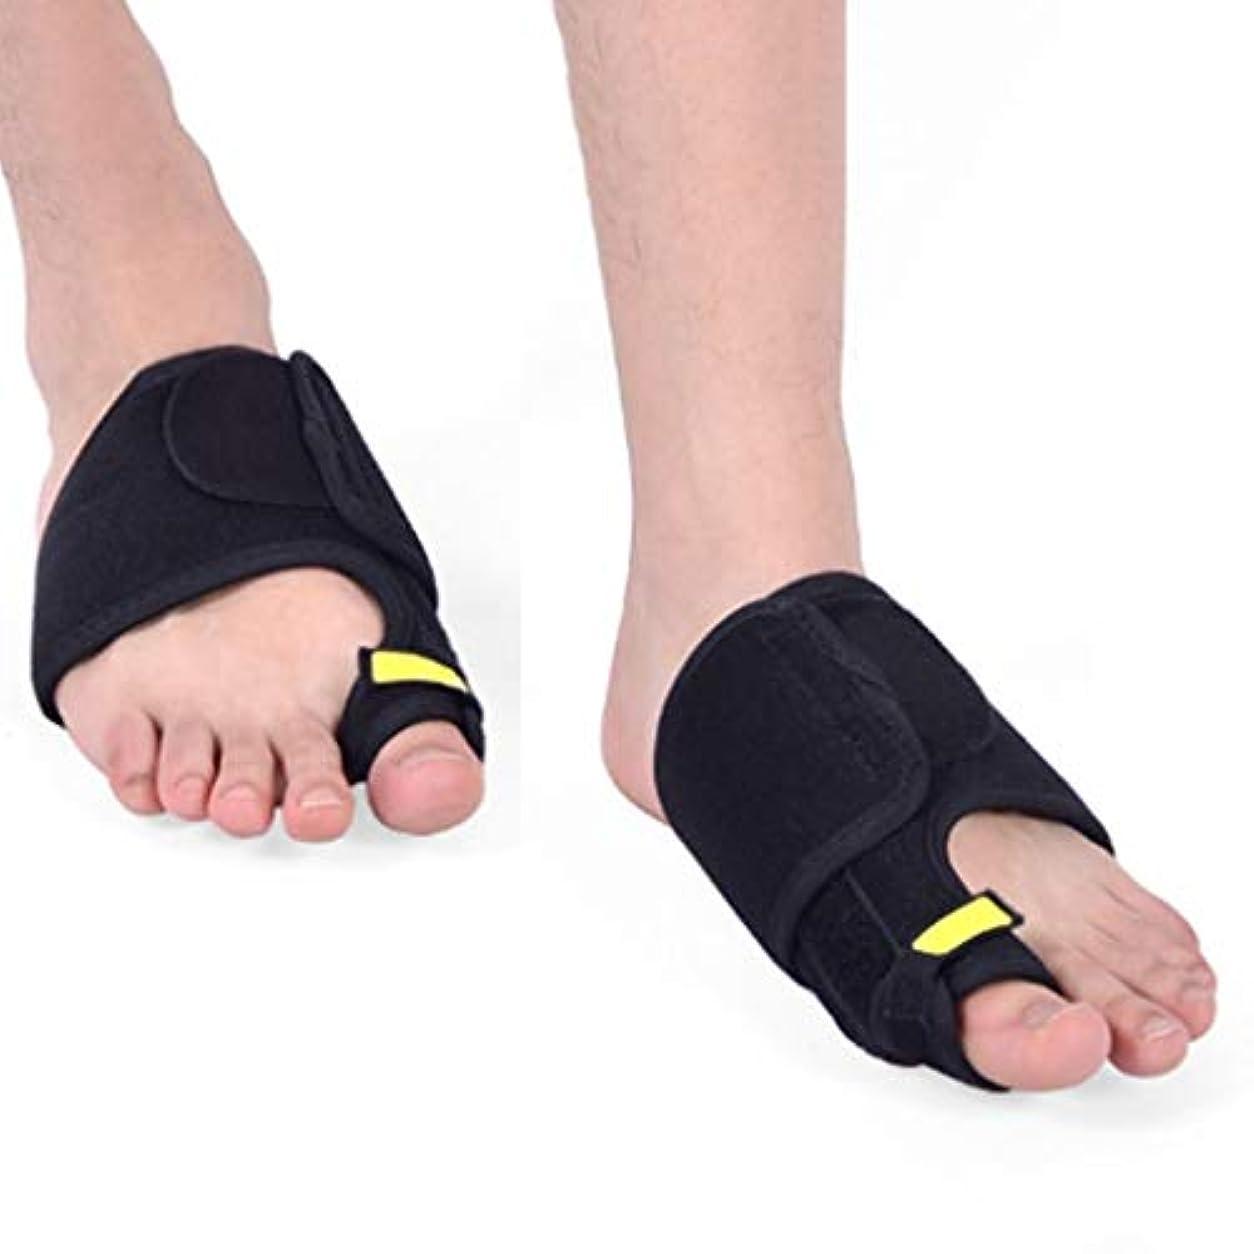 チャンピオン徐々に用心する外反母趾の補正は、足の親指の外反母趾補正は、との完全な夜で外反母趾補正を恐喝されます